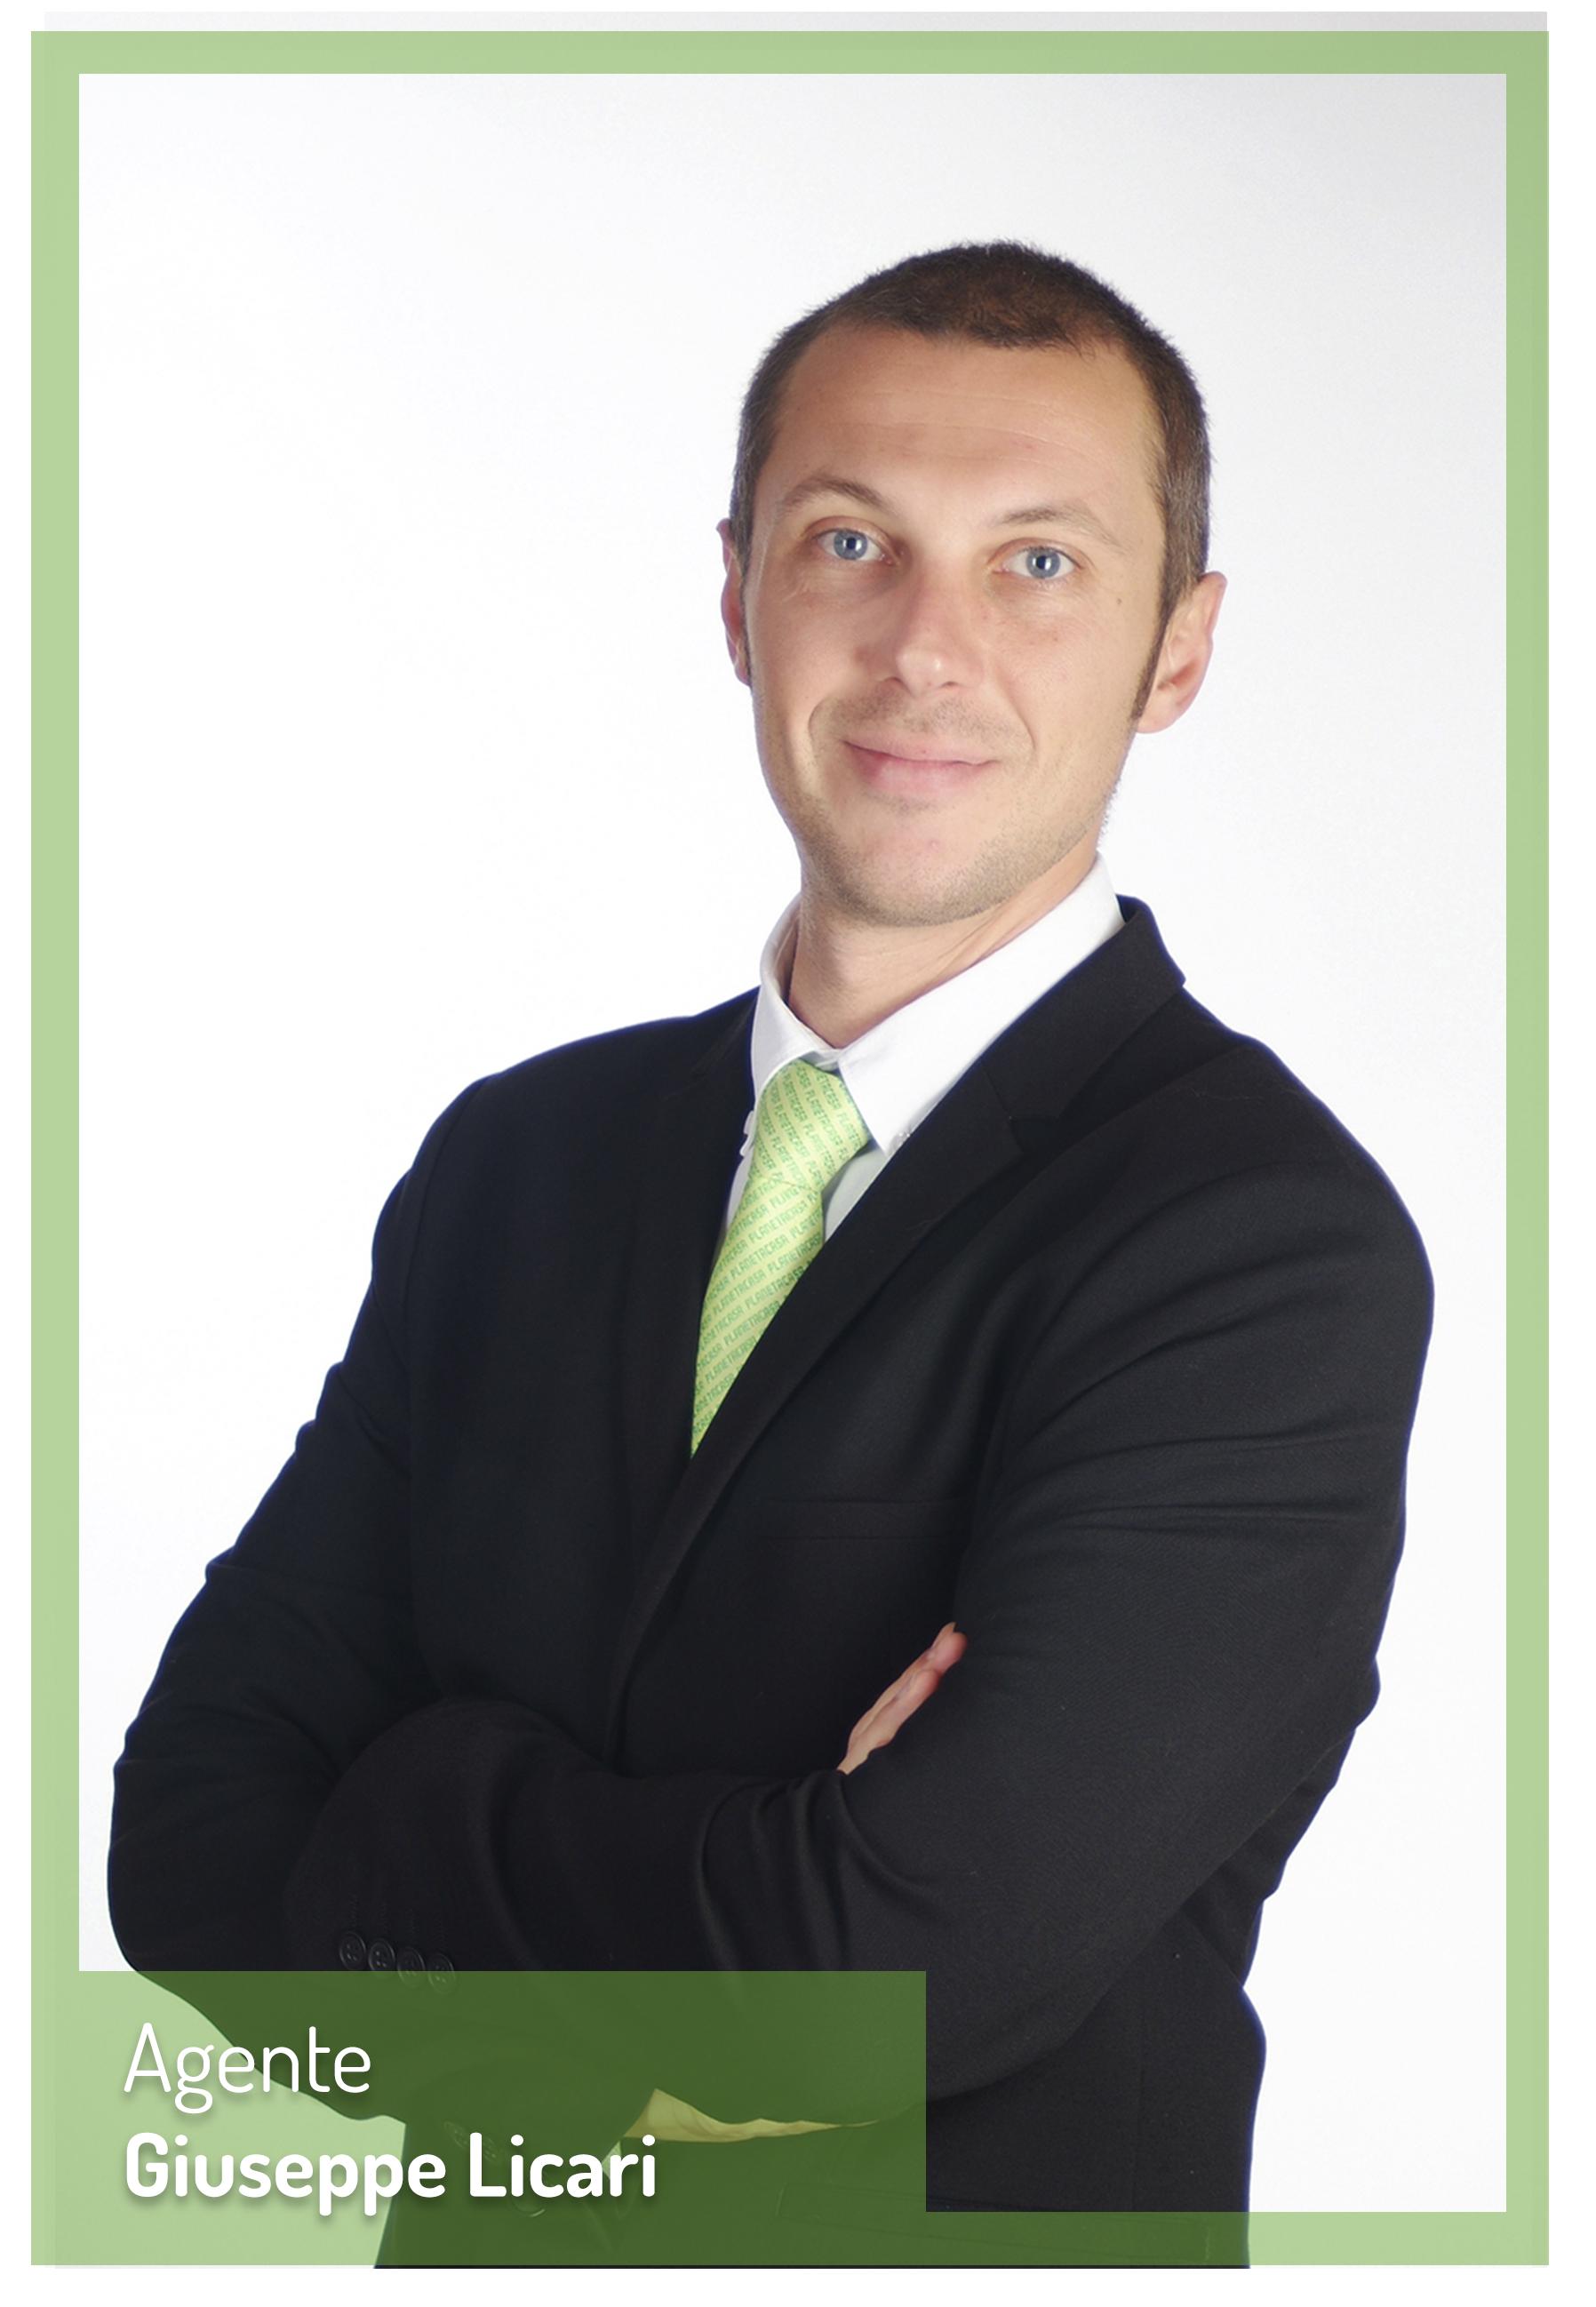 Giusseppe Licari asesor Planetacasa Inmobiliaria Malaga